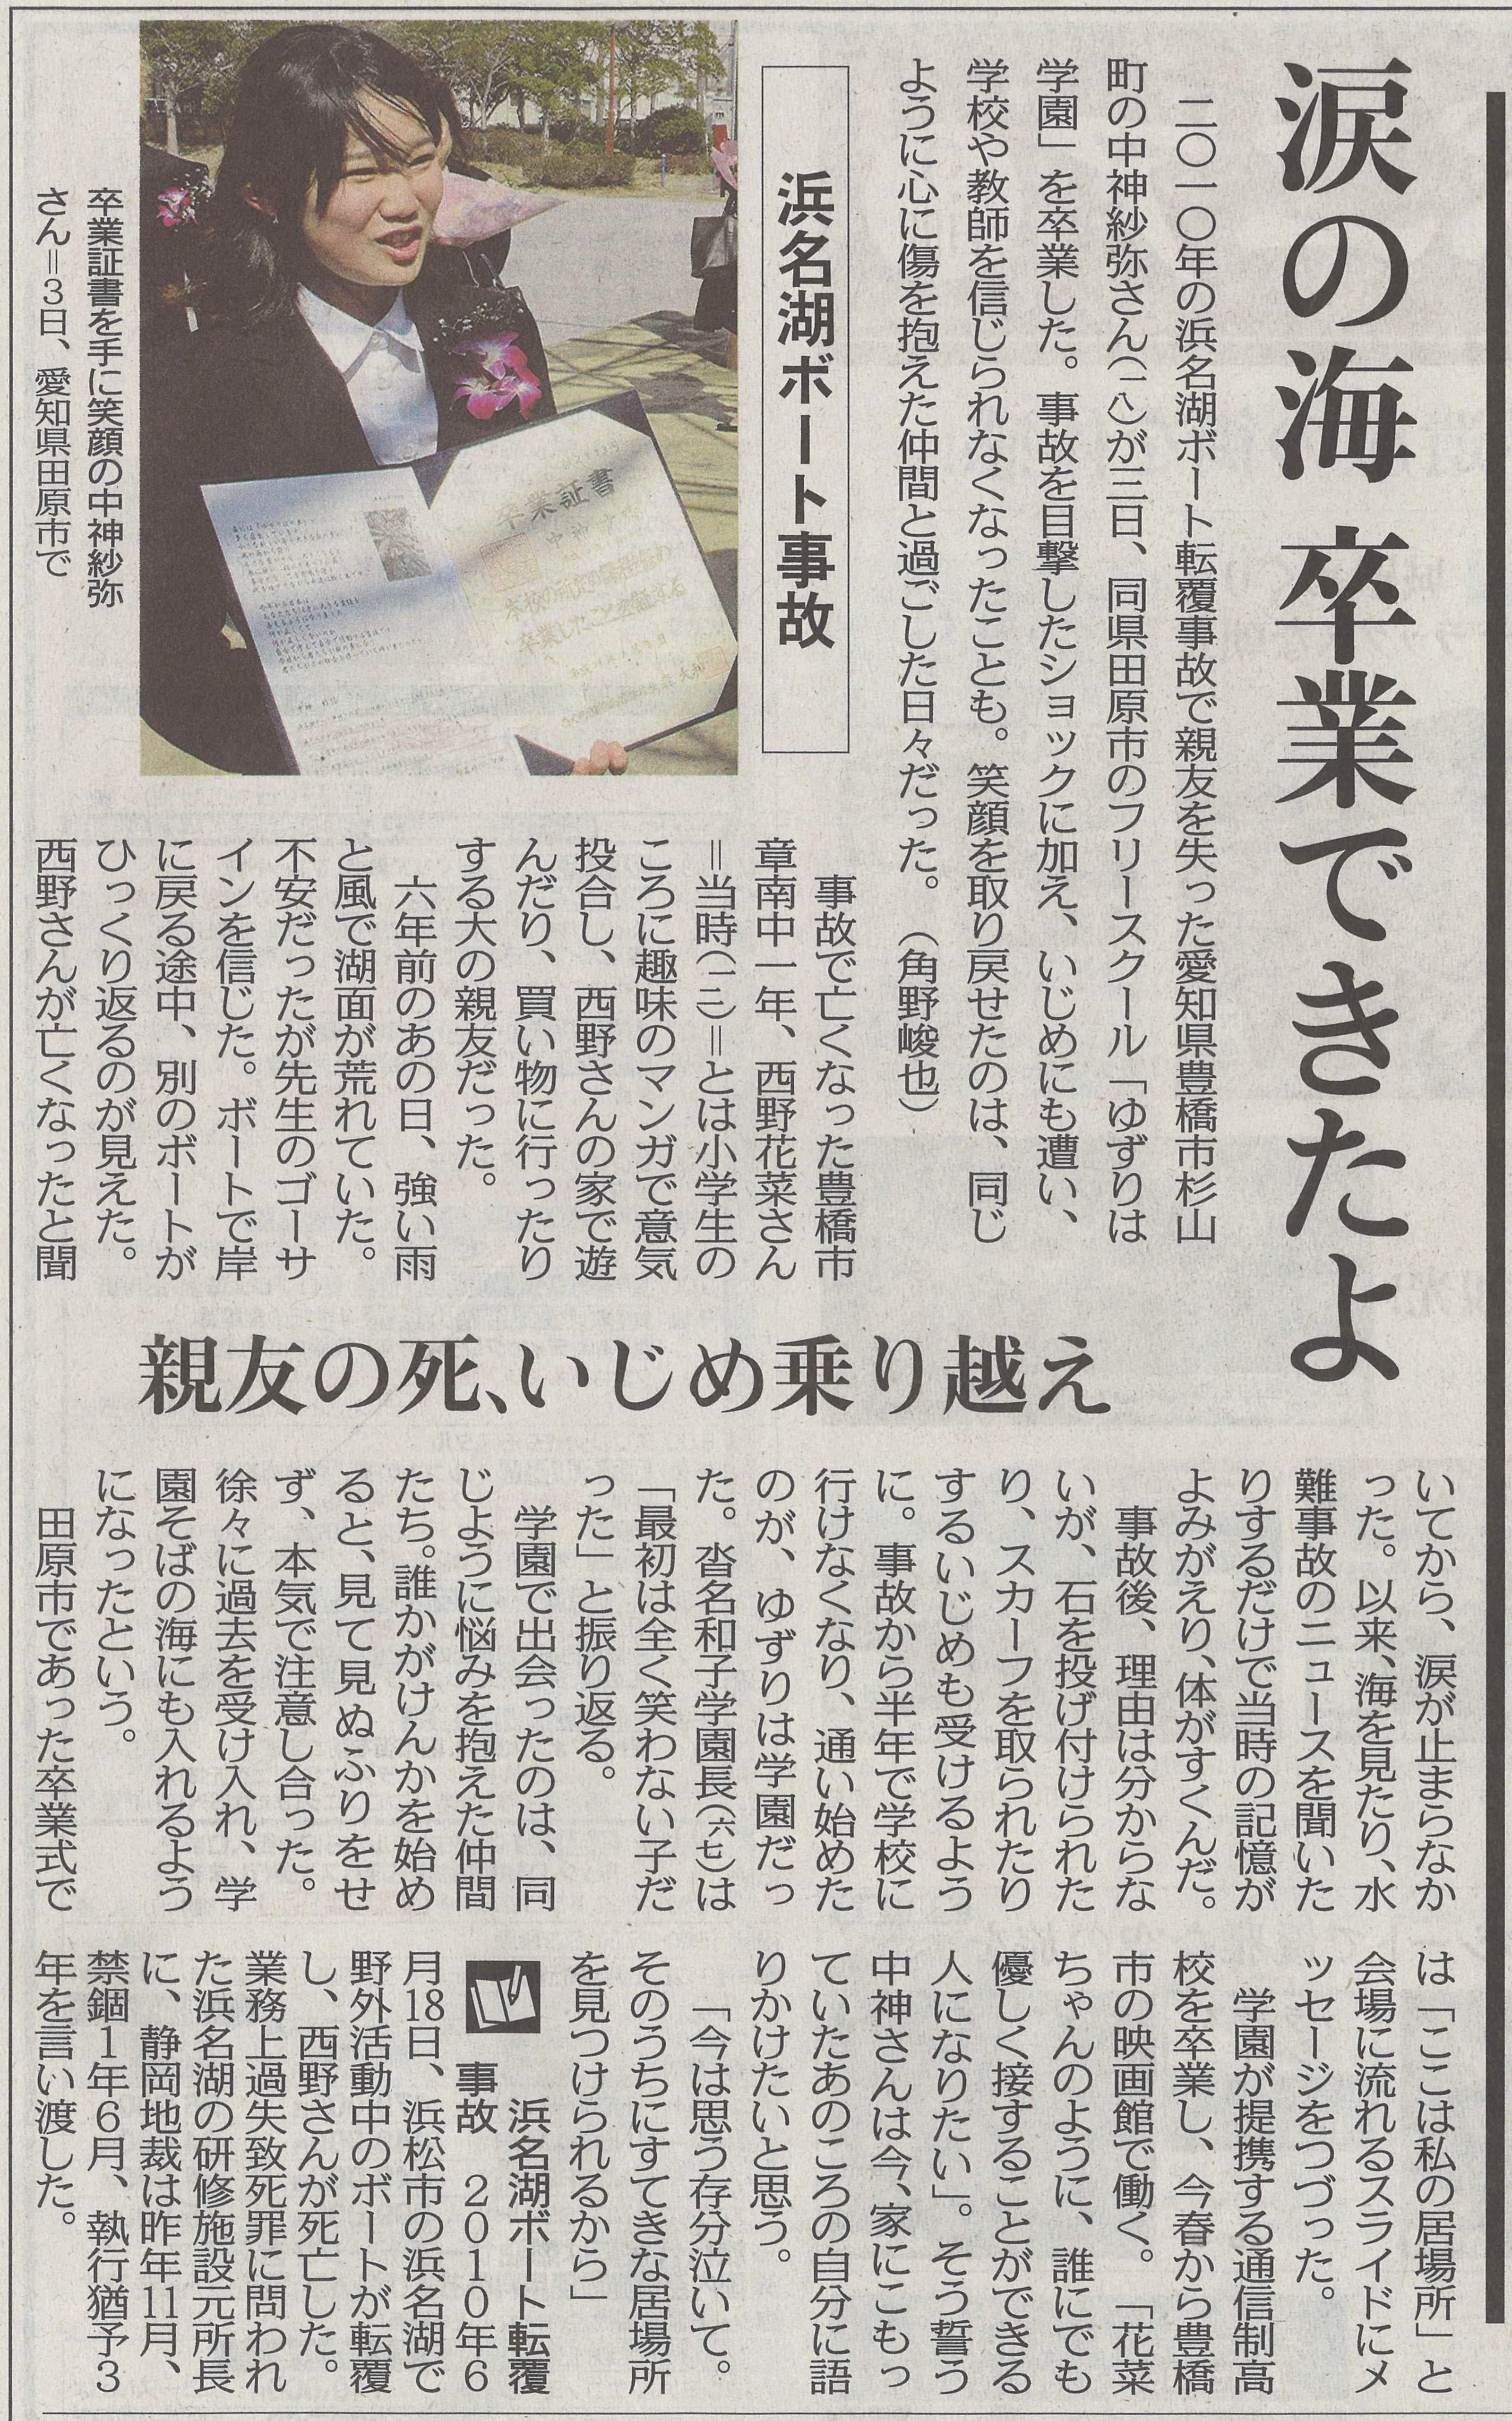 027_ 中日新聞掲載「涙の海 卒業できたよ」